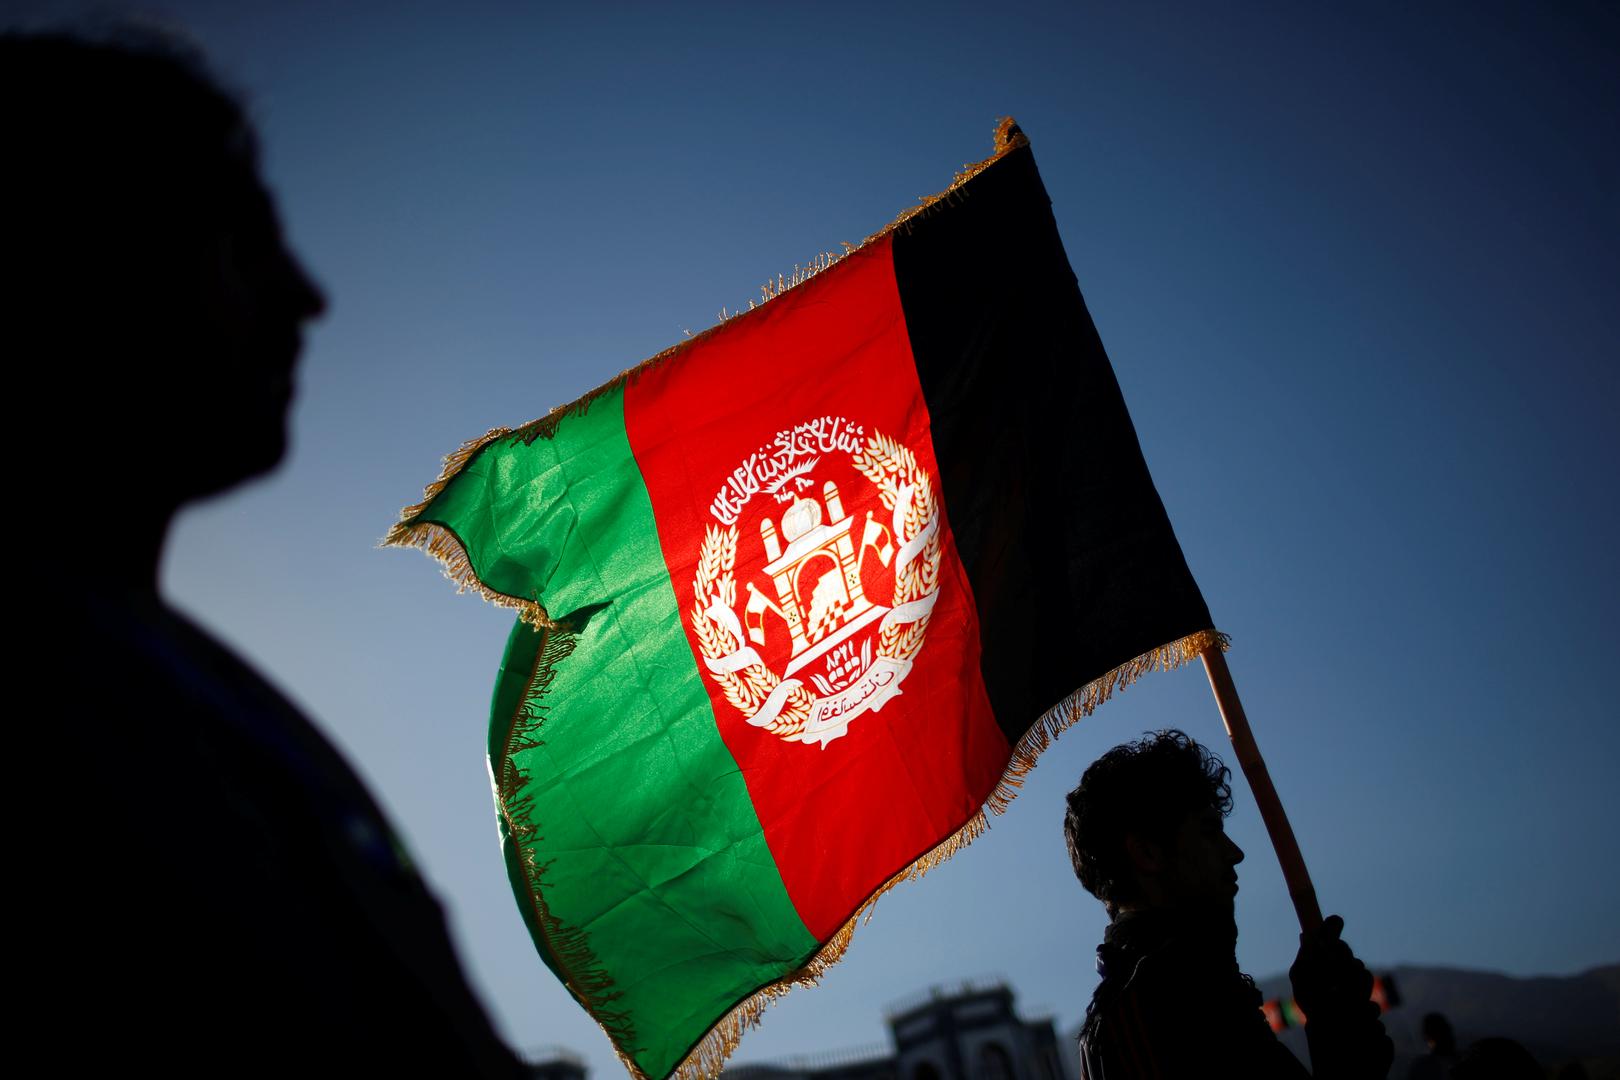 حكومة أفغانستان تعلن استعادة عدة مناطق من قبضة